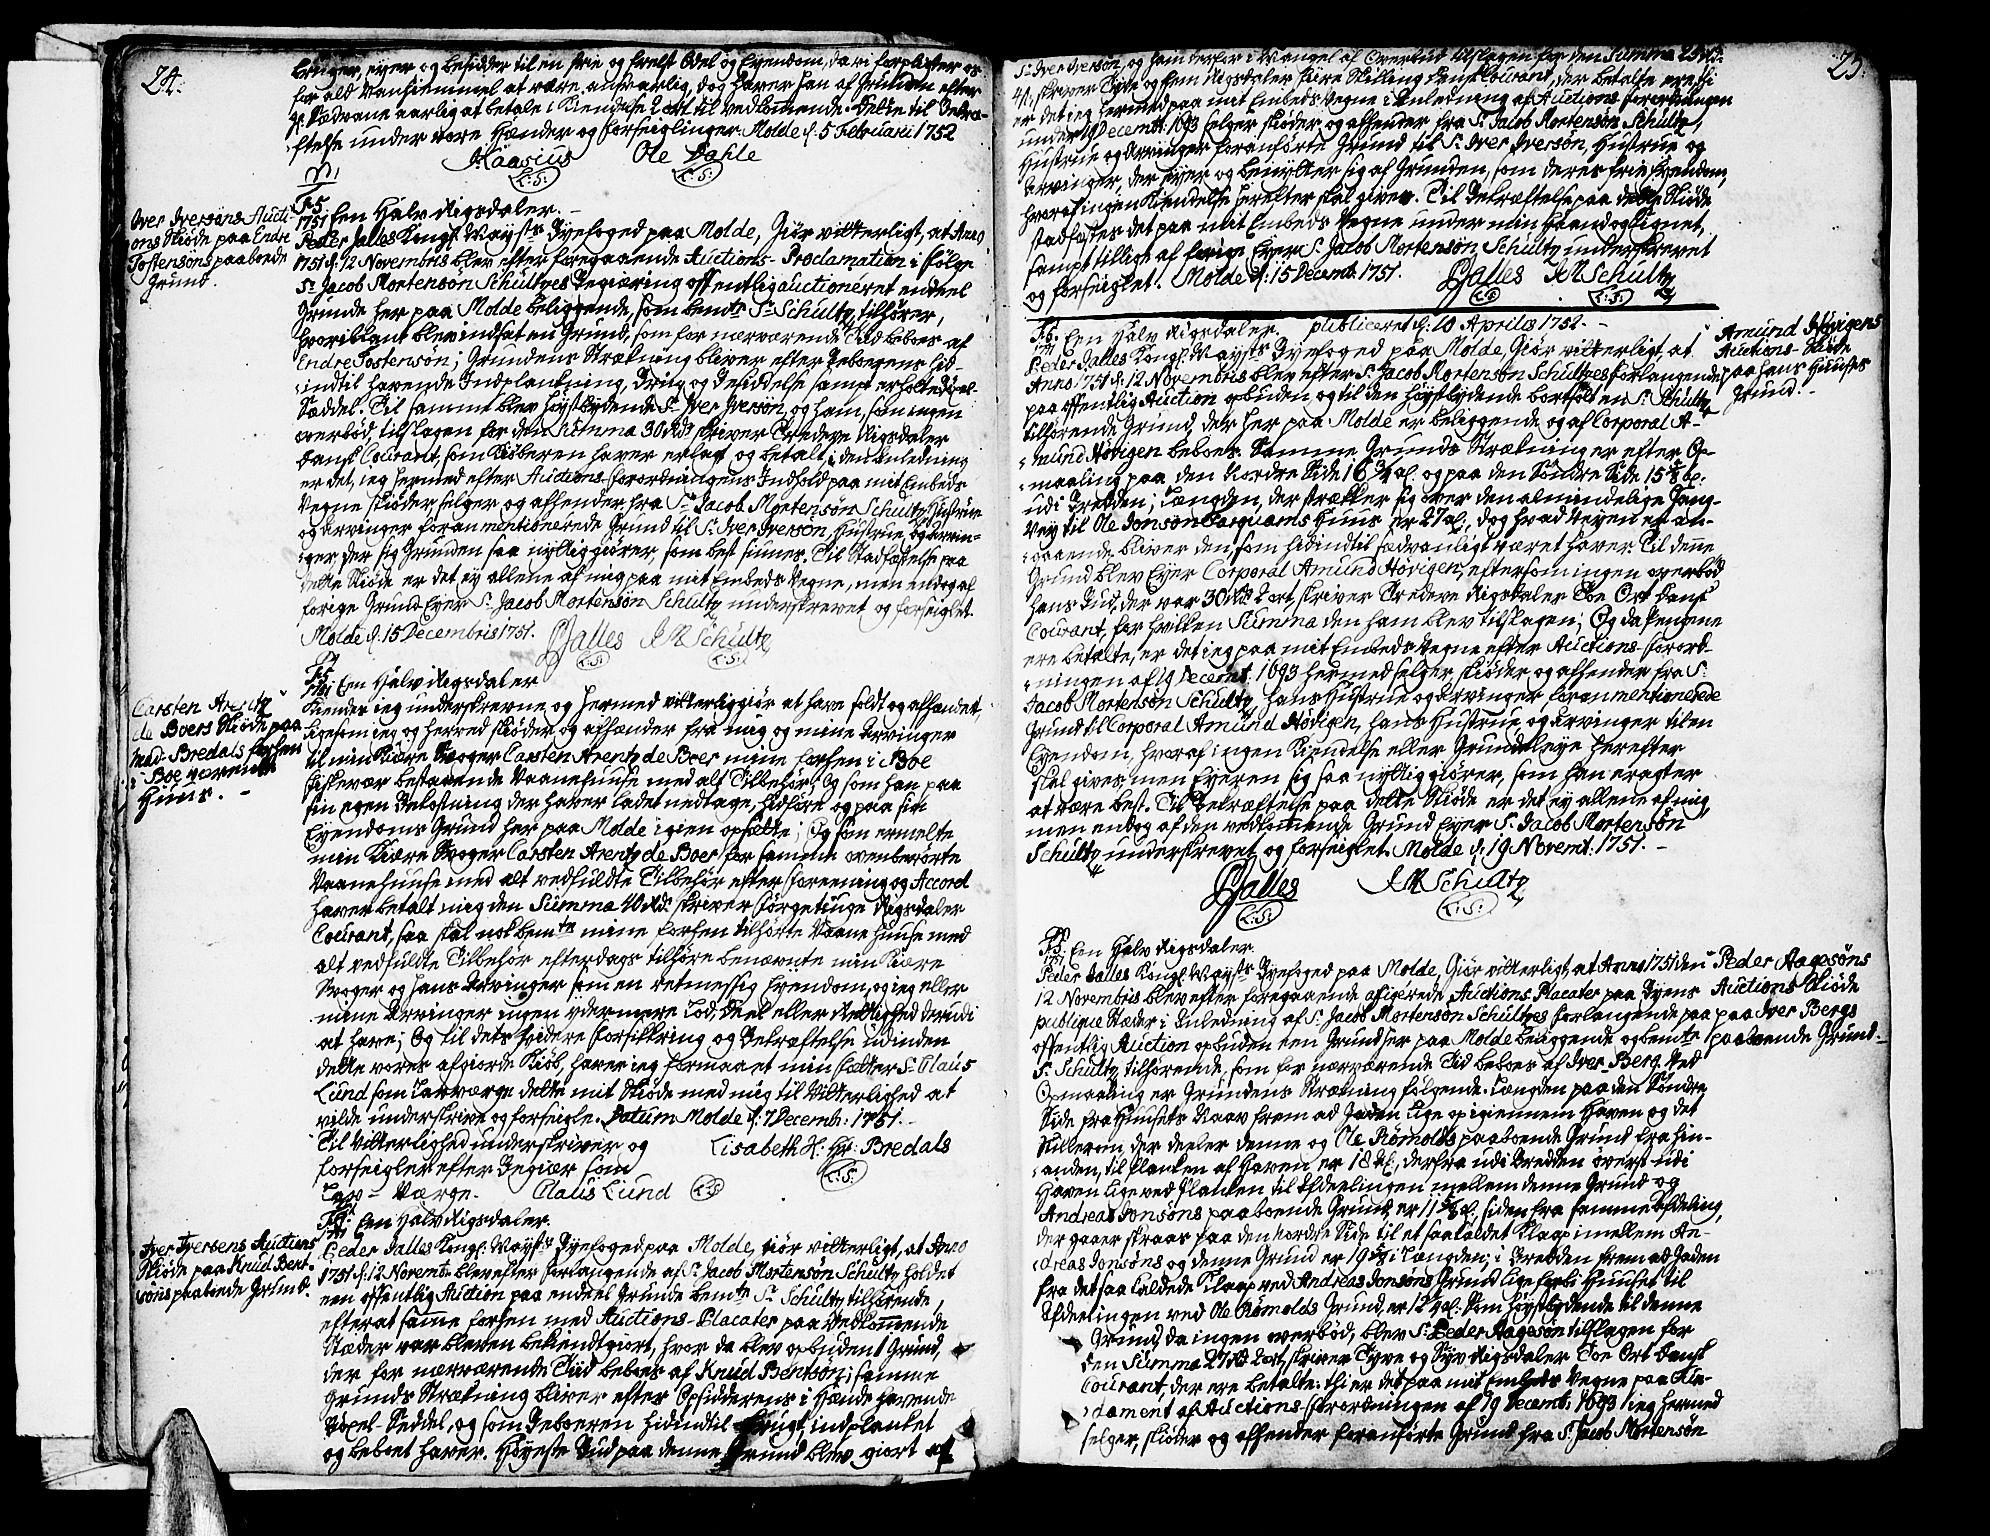 SAT, Molde byfogd, 2/2C/L0001: Mortgage book no. 1, 1748-1823, p. 24-25